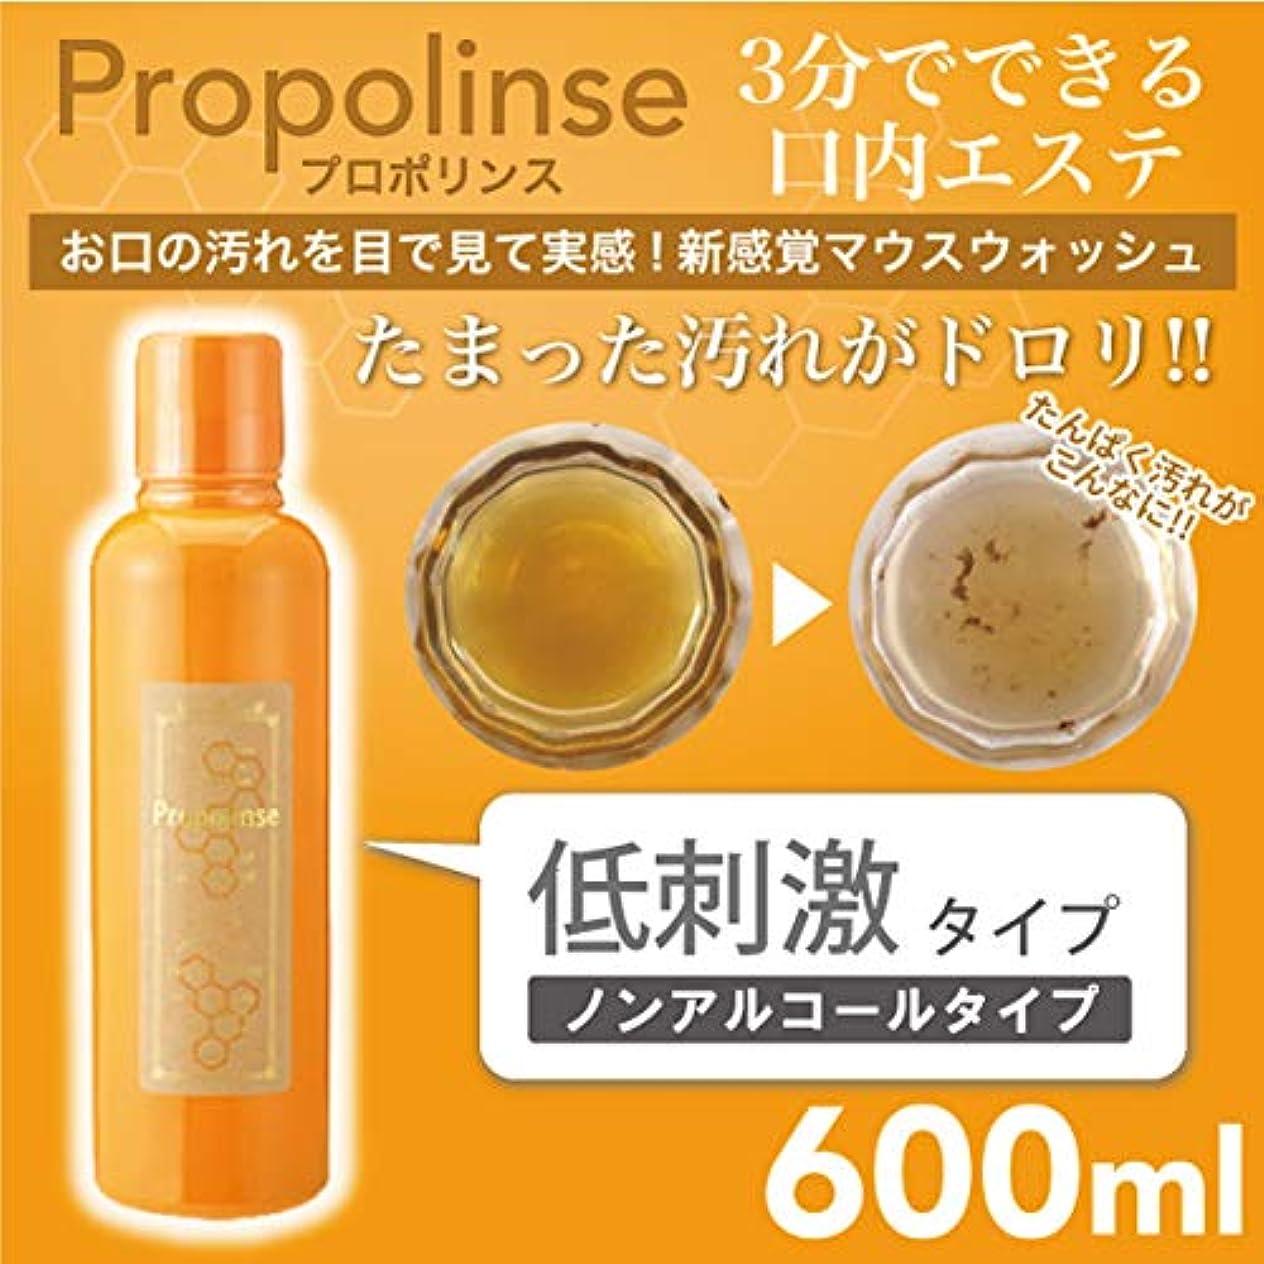 アパート深いターゲットプロポリンス マウスウォッシュ ピュア (ノンアルコール低刺激) 600ml [30本セット] 口臭対策